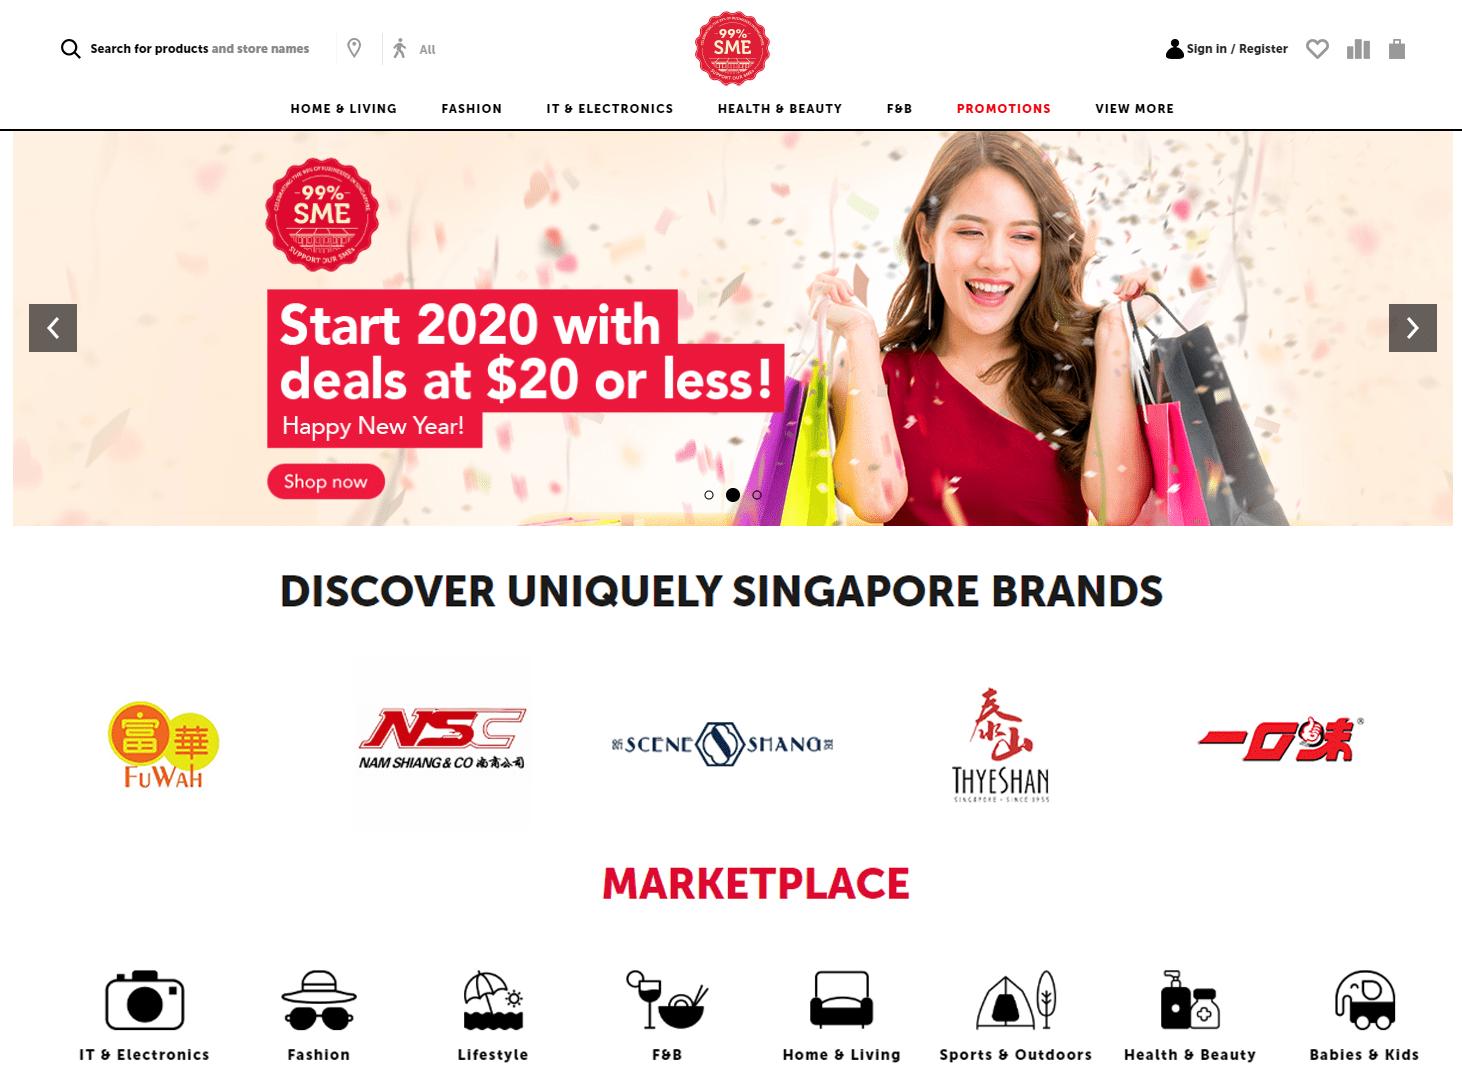 99%SME Singapore Online Marketplace Sales Discounts